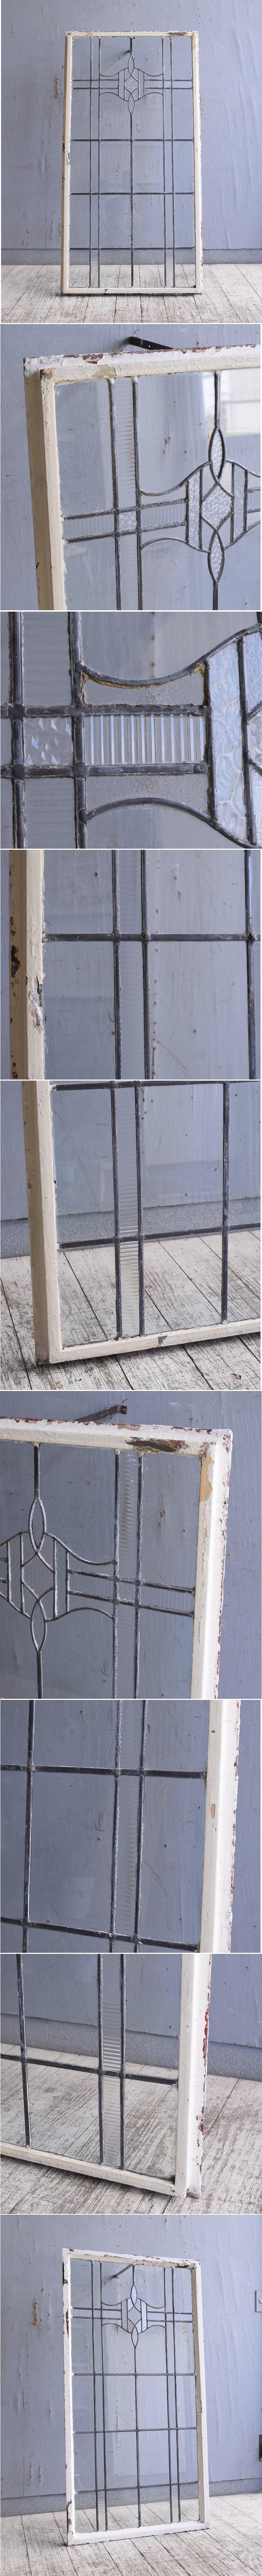 イギリス アンティーク 窓 無色透明 10147